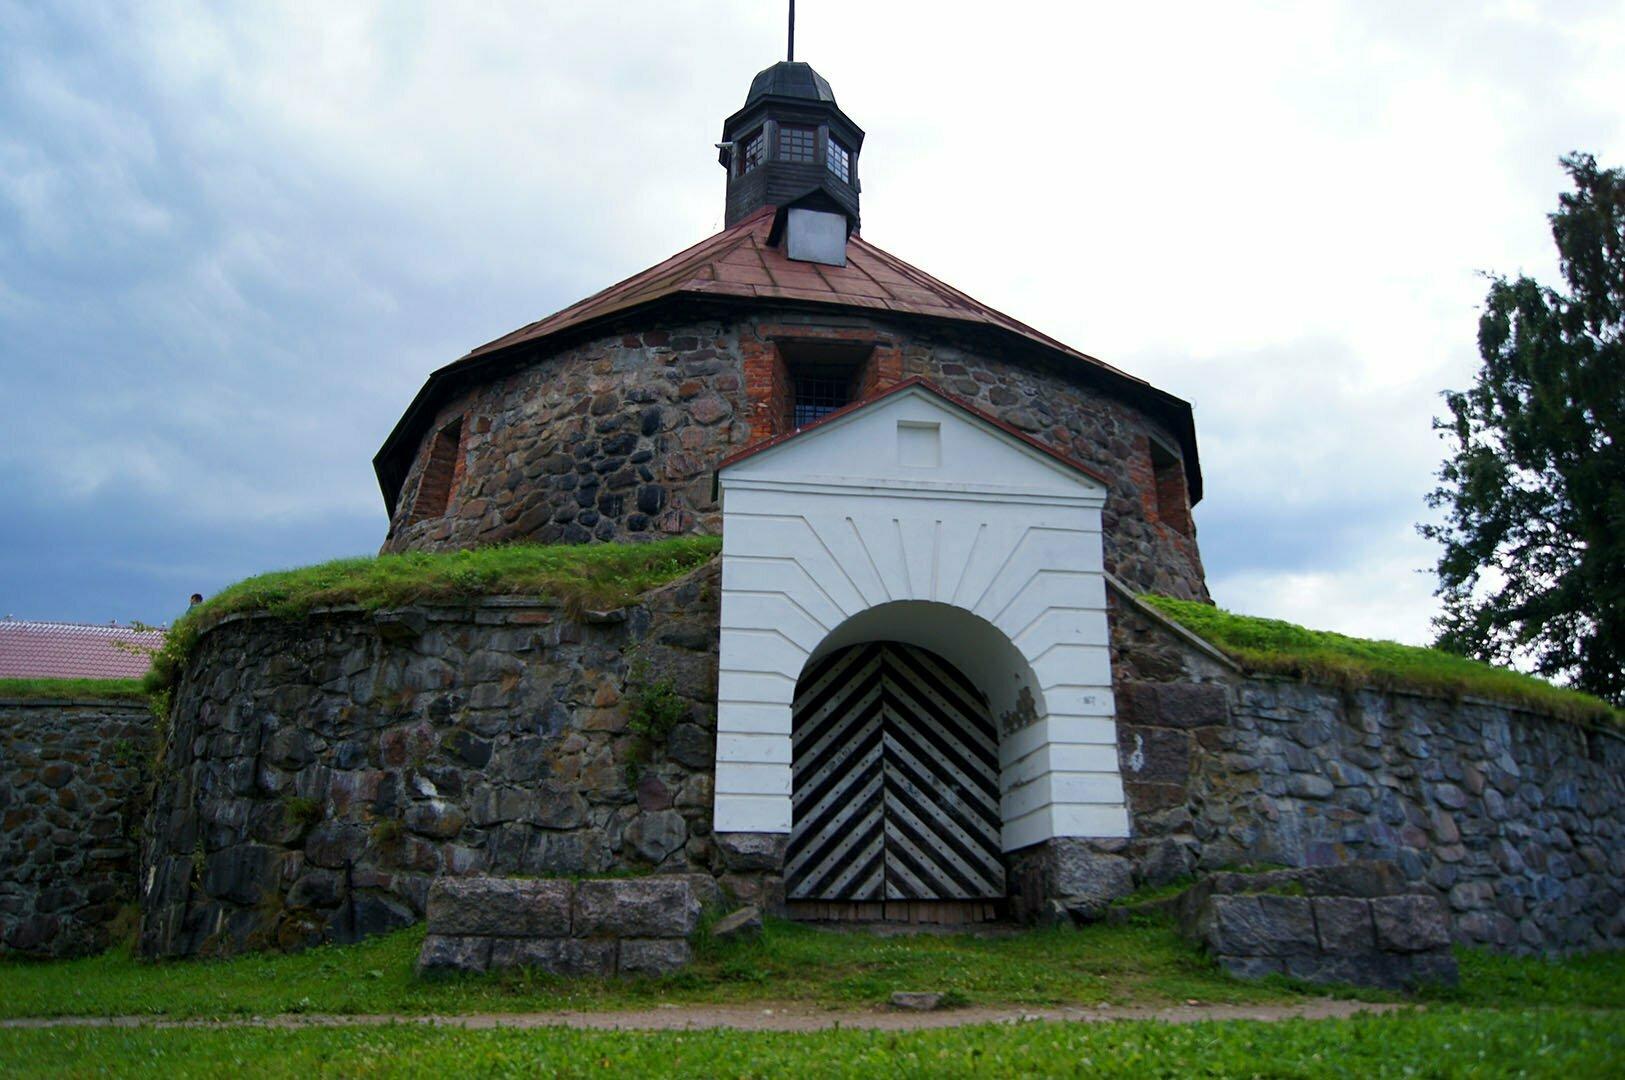 Круглая воротная башня, внешний вид